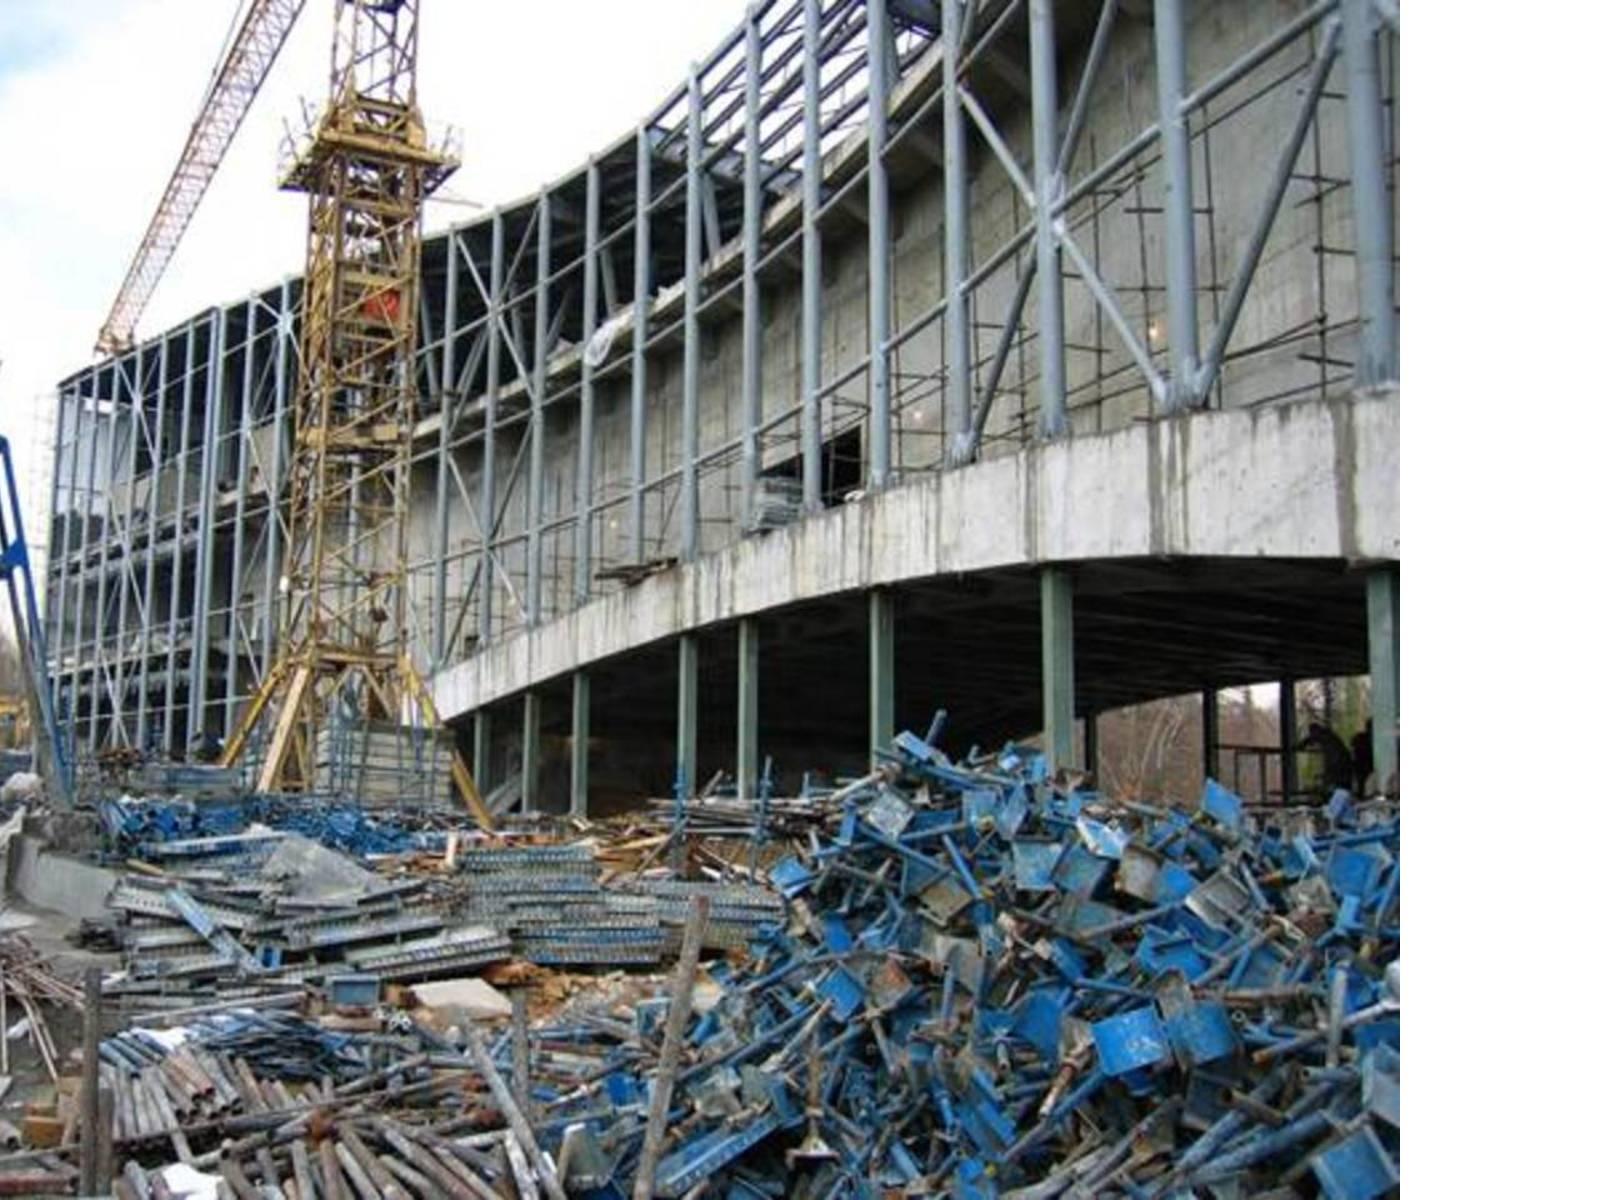 Cantiere, struttura in cemento e acciaio, Ph. Reza Daneshmir